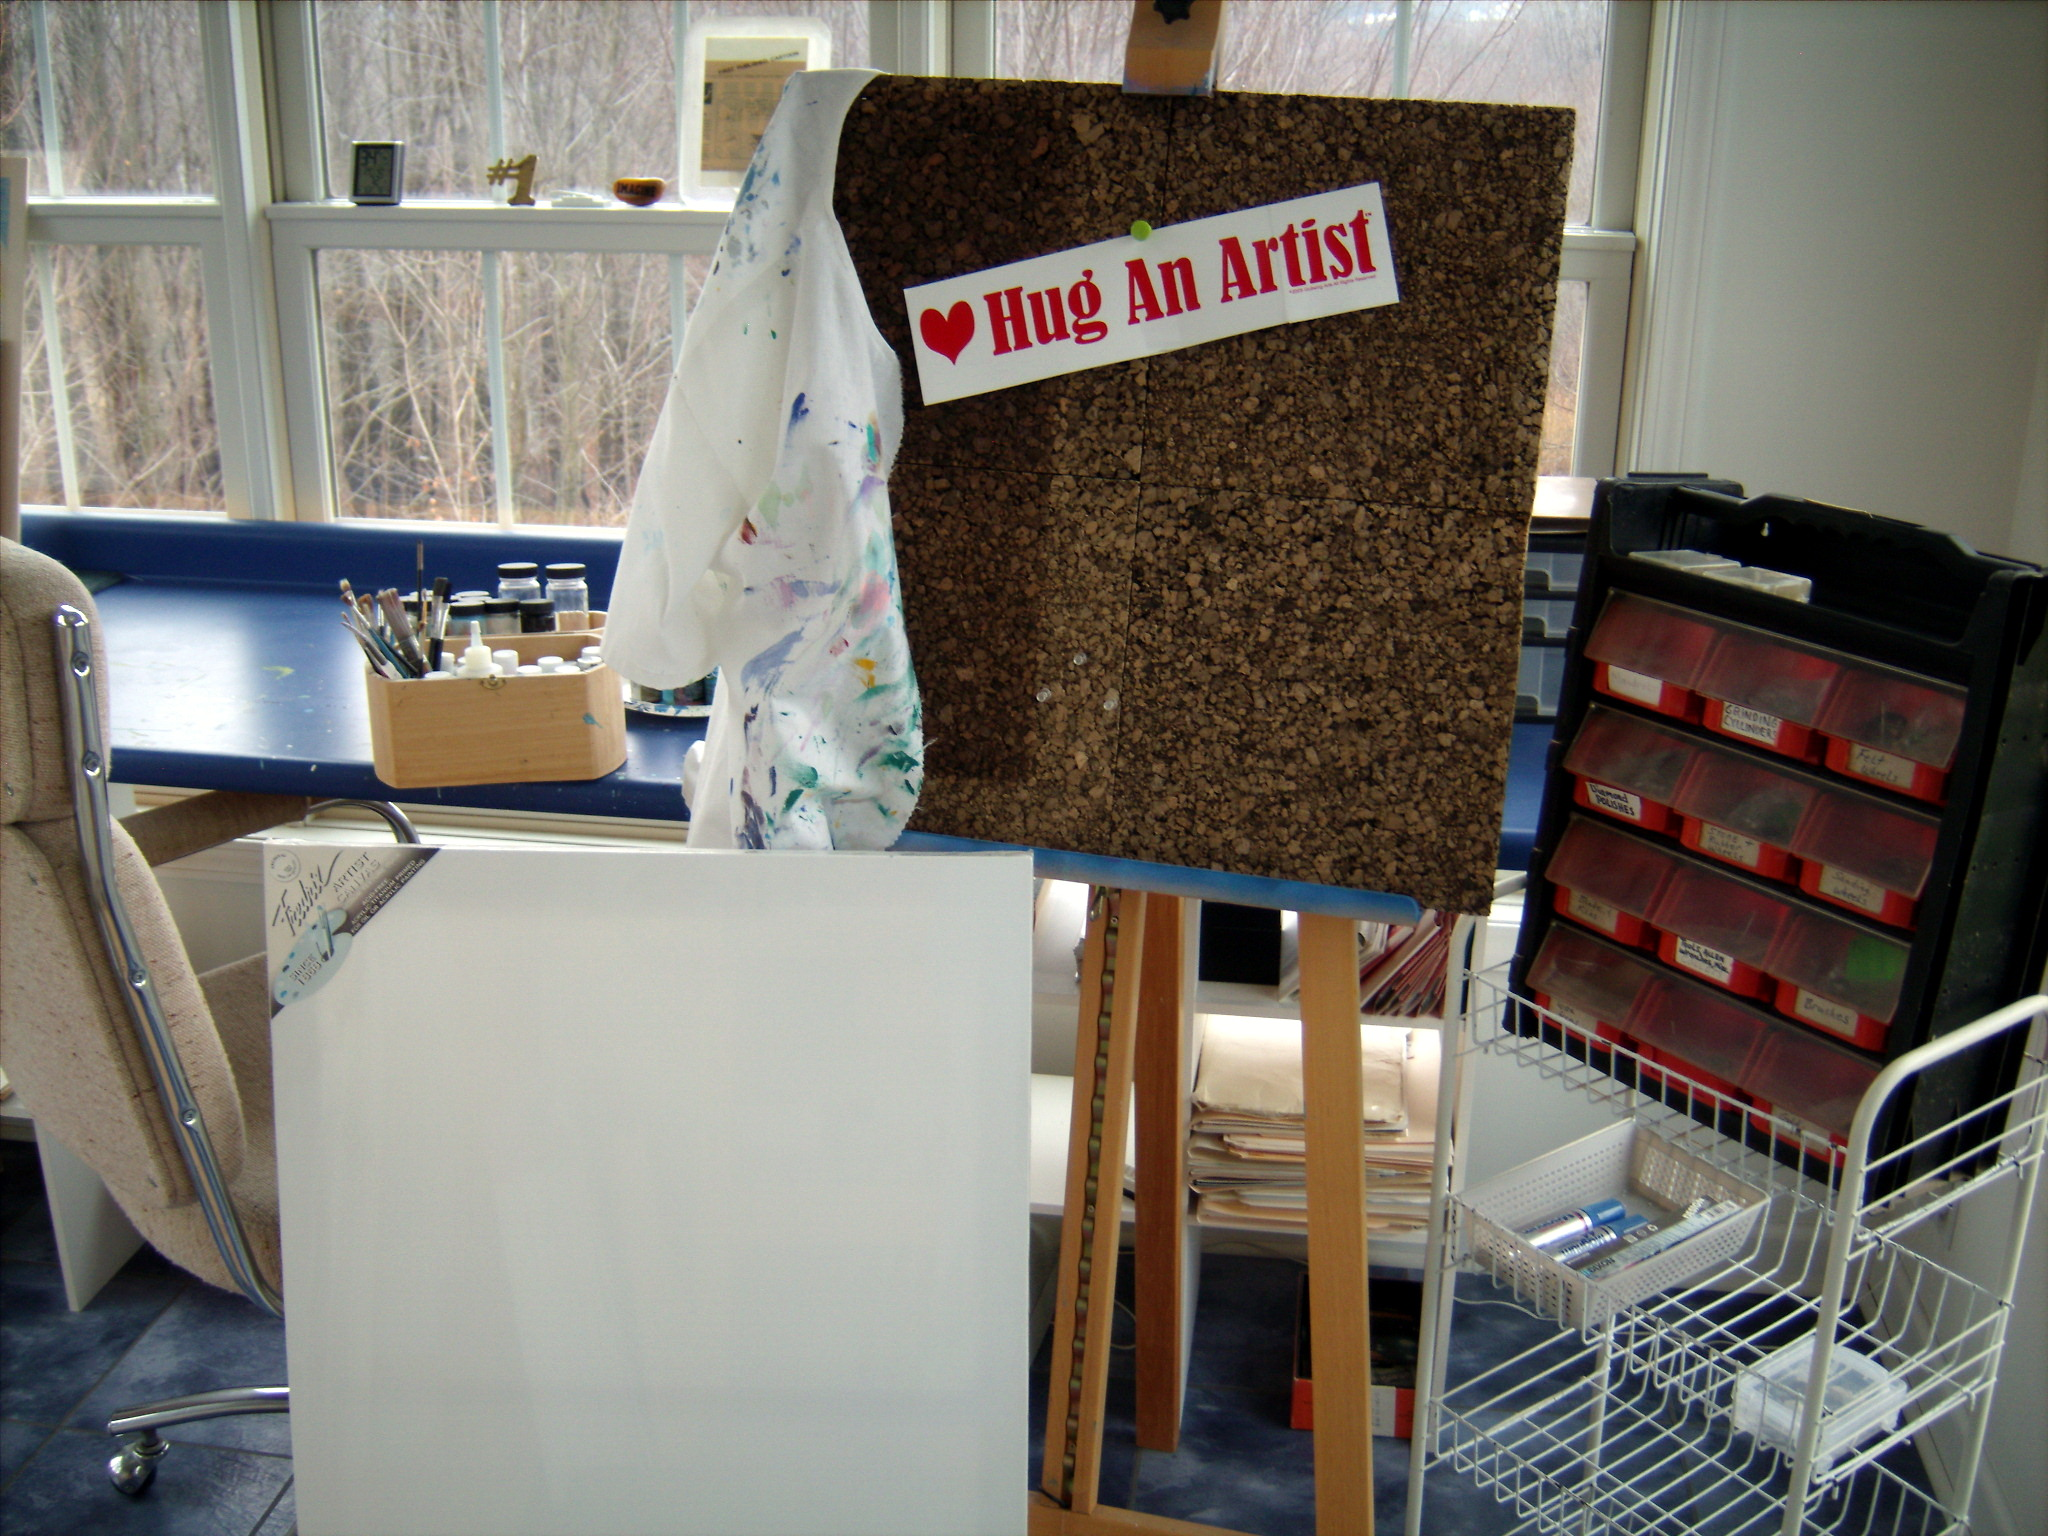 Hug an Artist